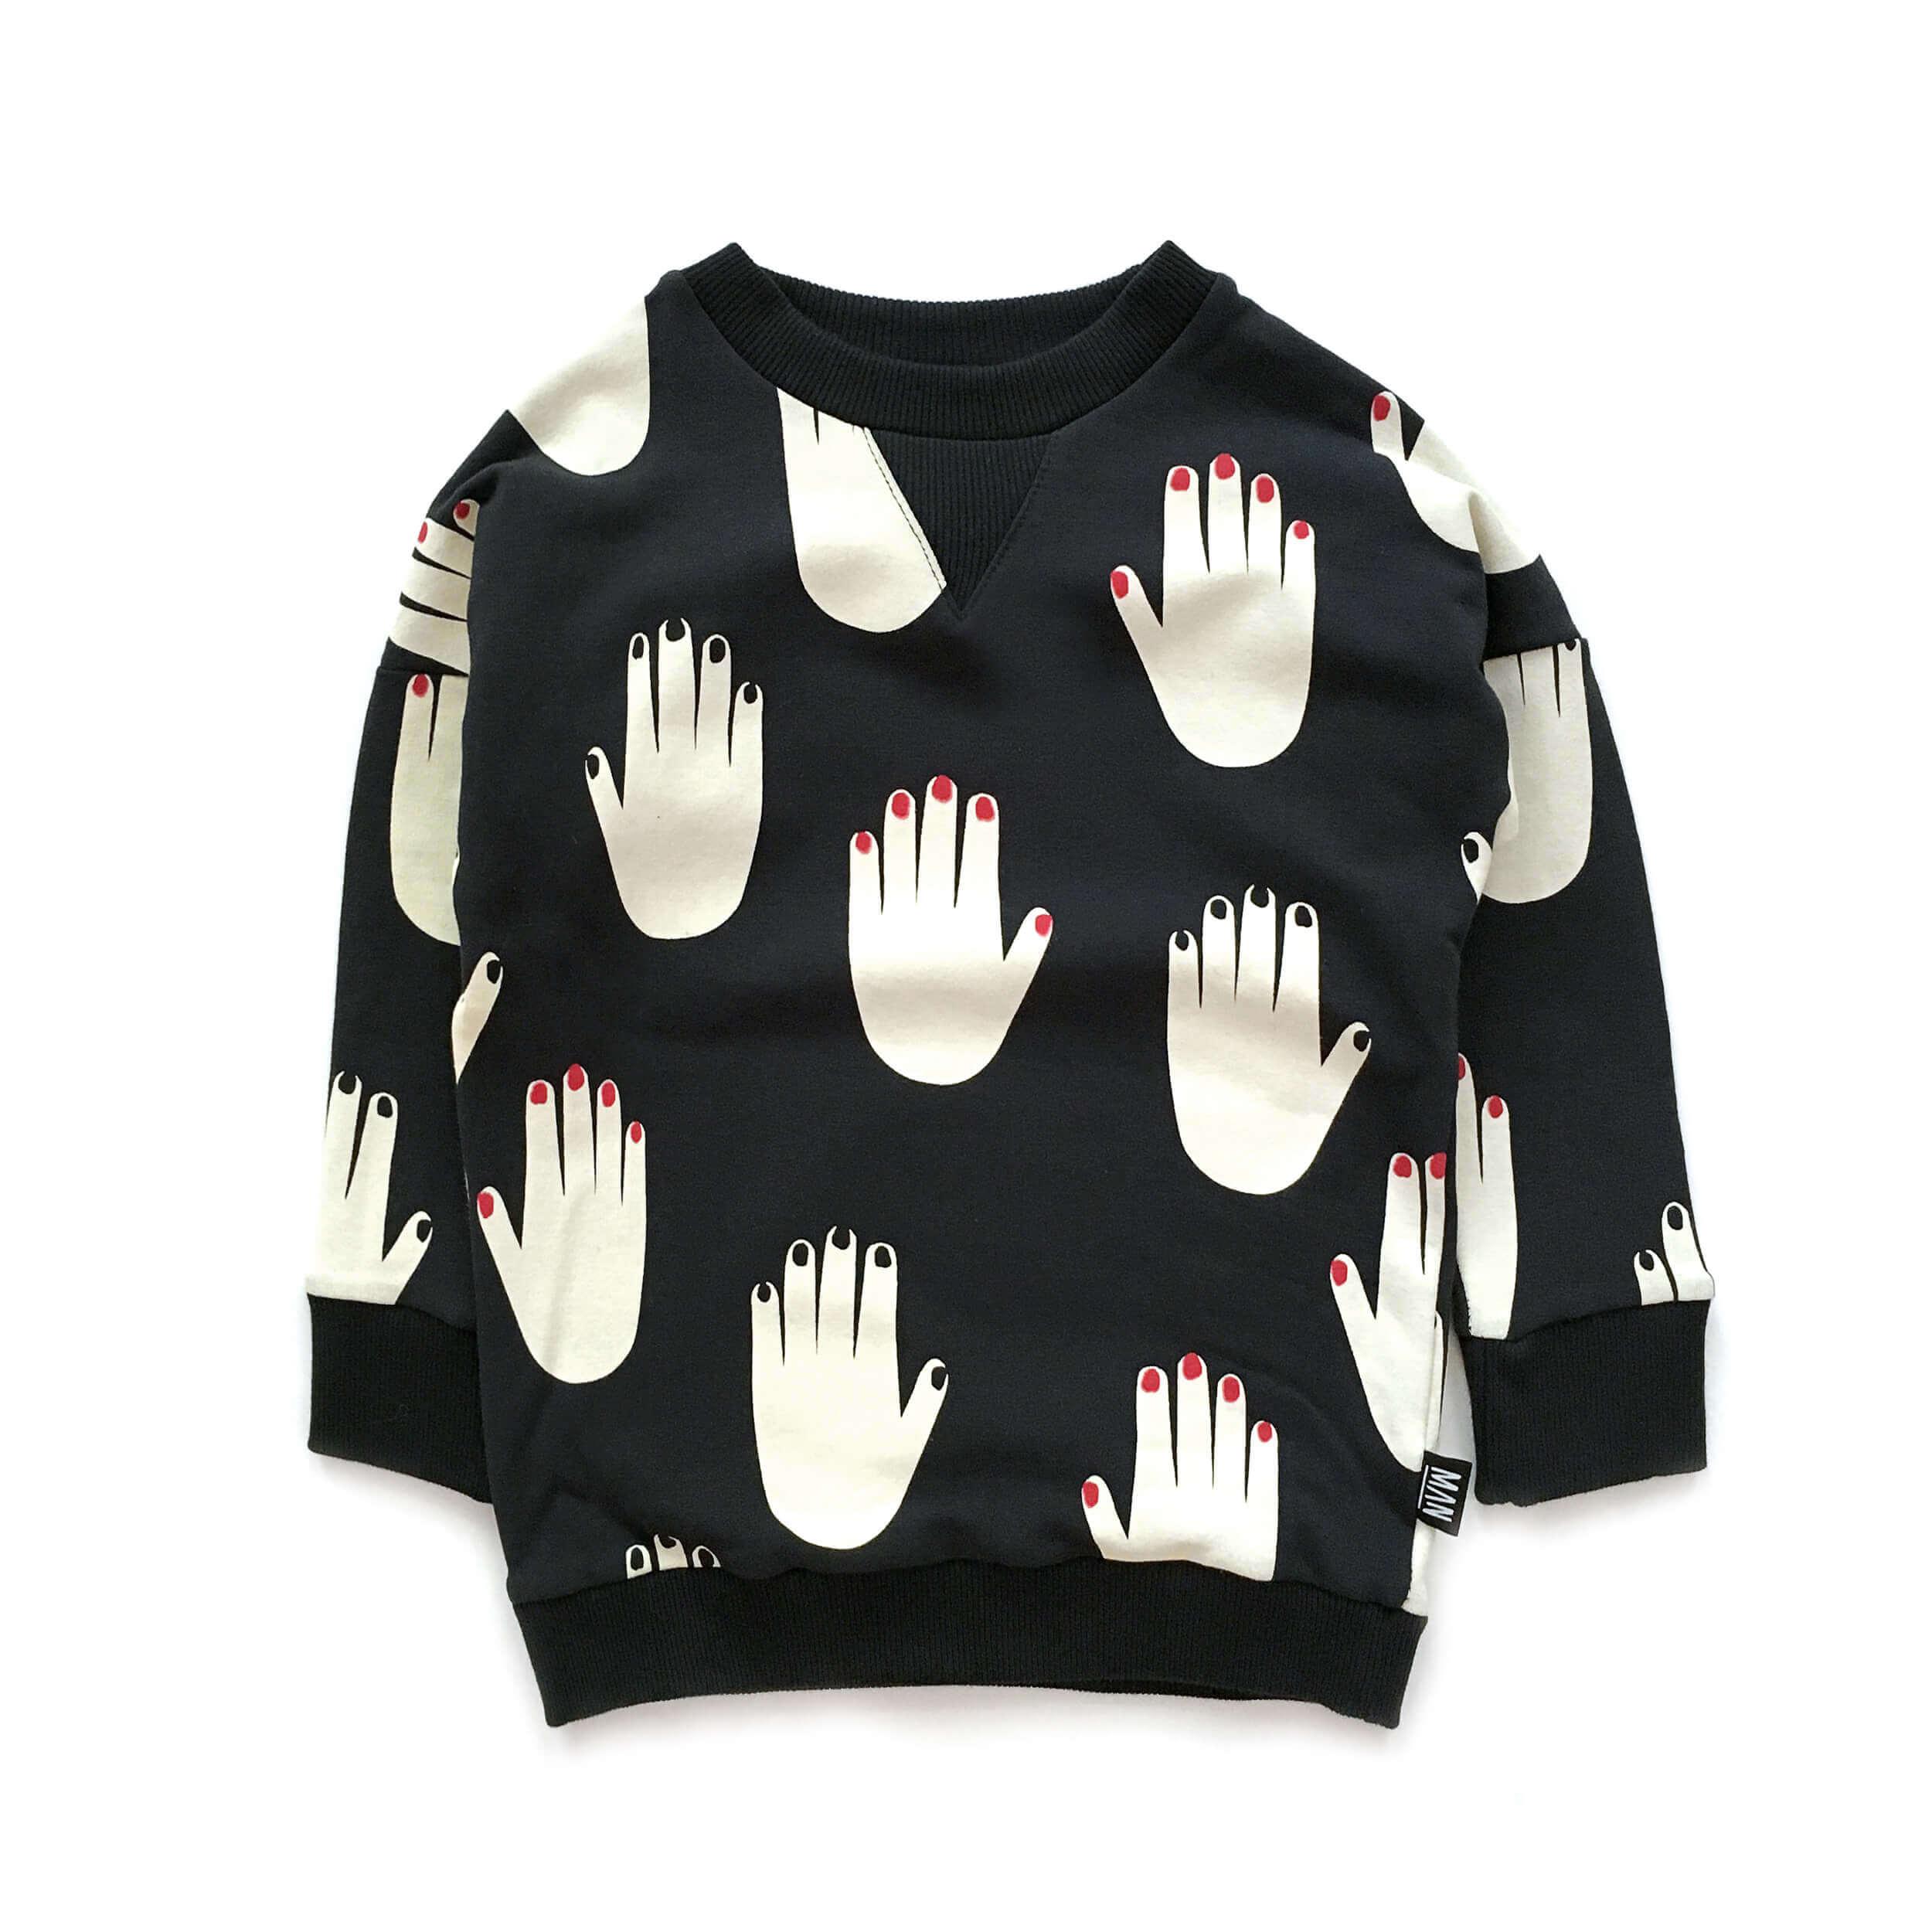 black designer sweater